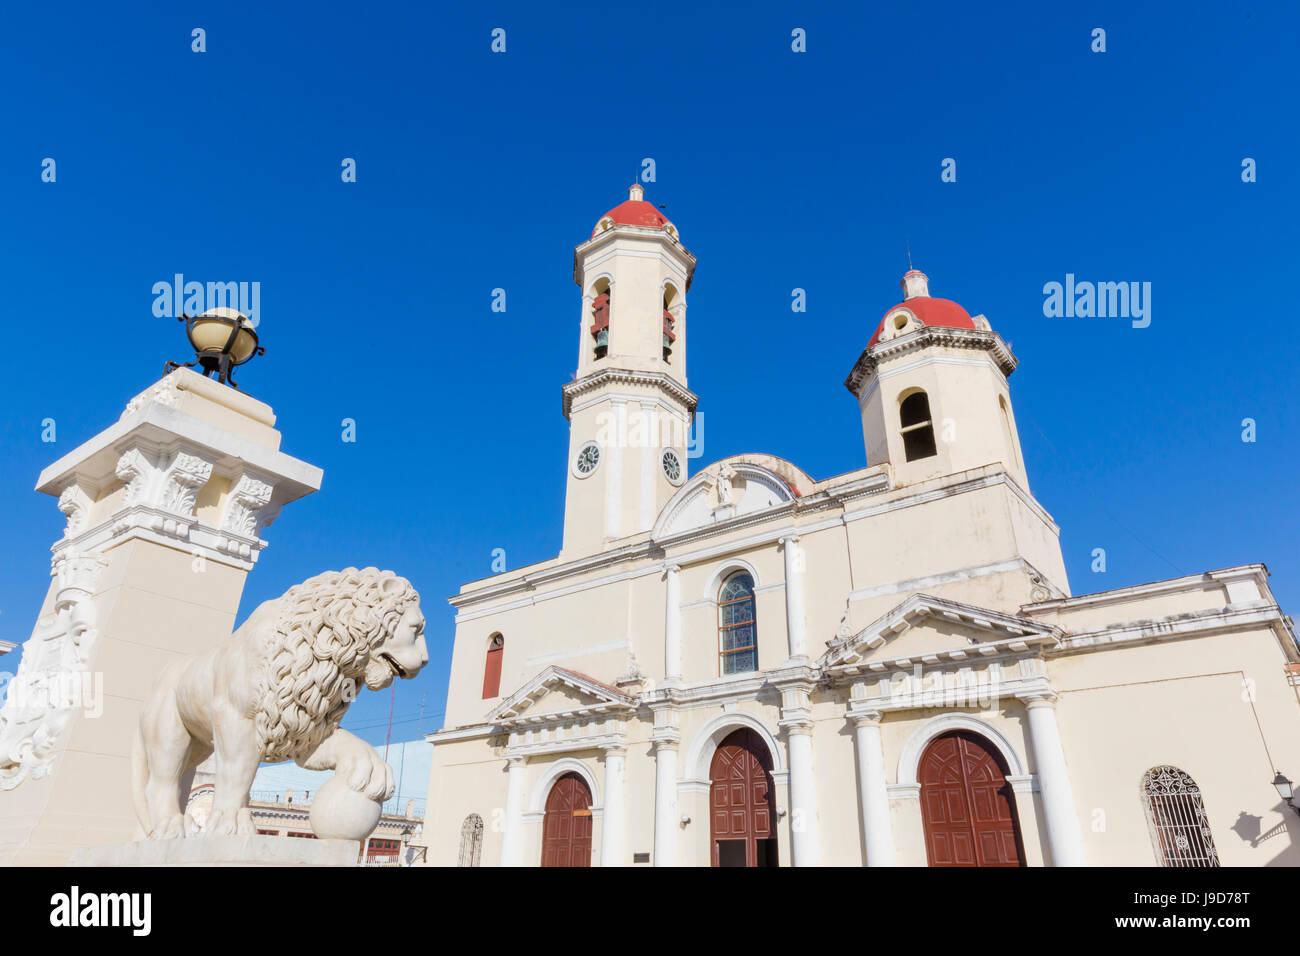 La Catedral de la Purísima Concepción, en la Plaza José Martí, Cienfuegos, Sitio del Patrimonio Imagen De Stock